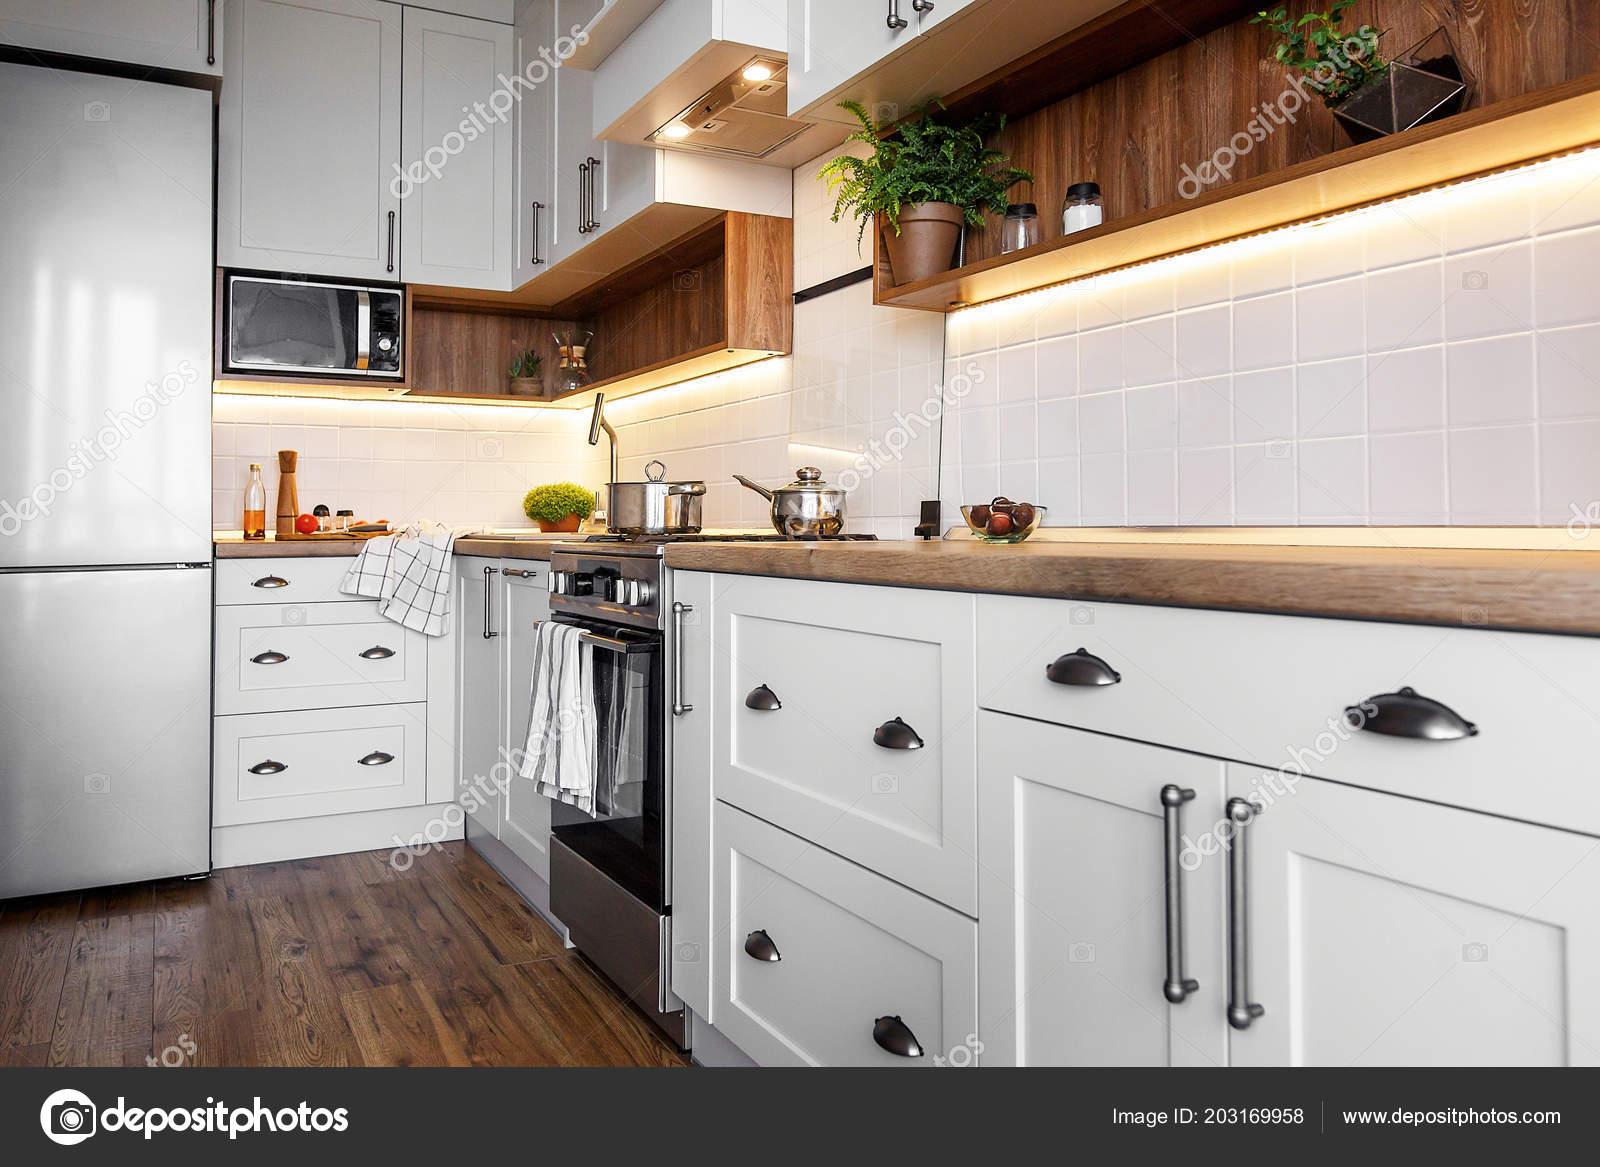 Dise o cocina estilo escandinavo interior elegante cocina for Estilos de gabinetes de cocina modernos